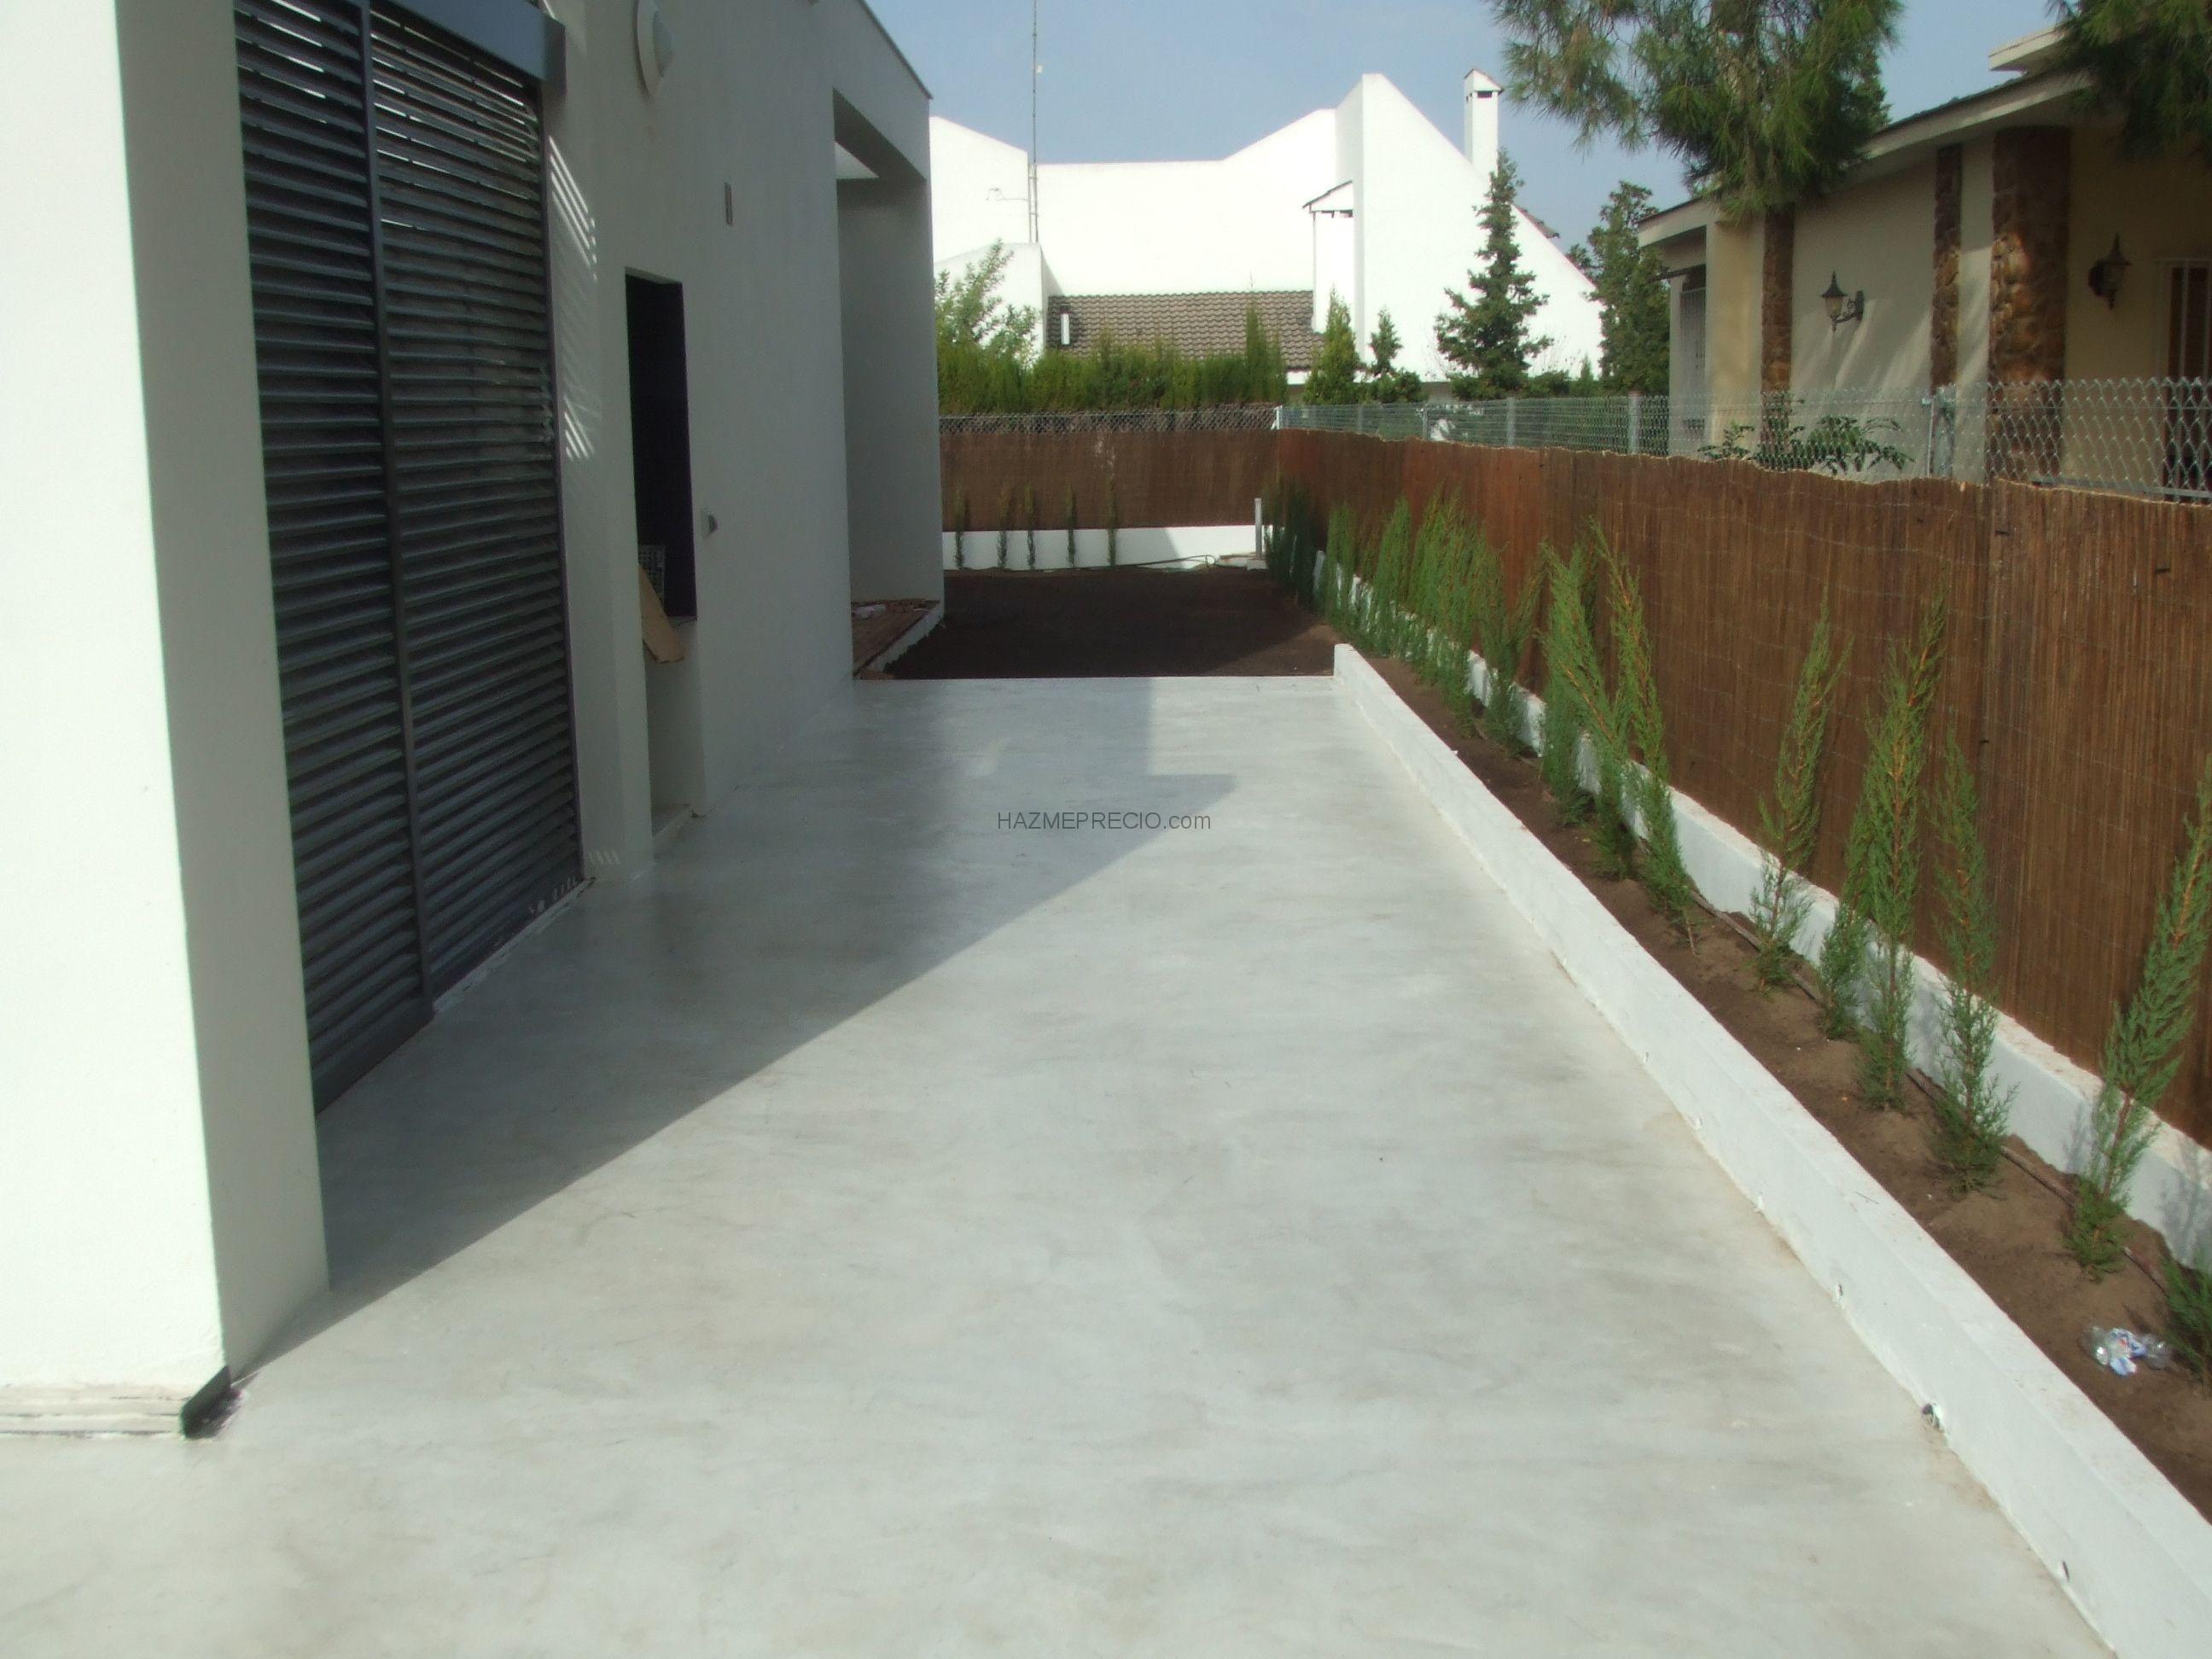 Pavimento continuo de exterior mortero de recrecido zona - Suelo terraza exterior precios ...